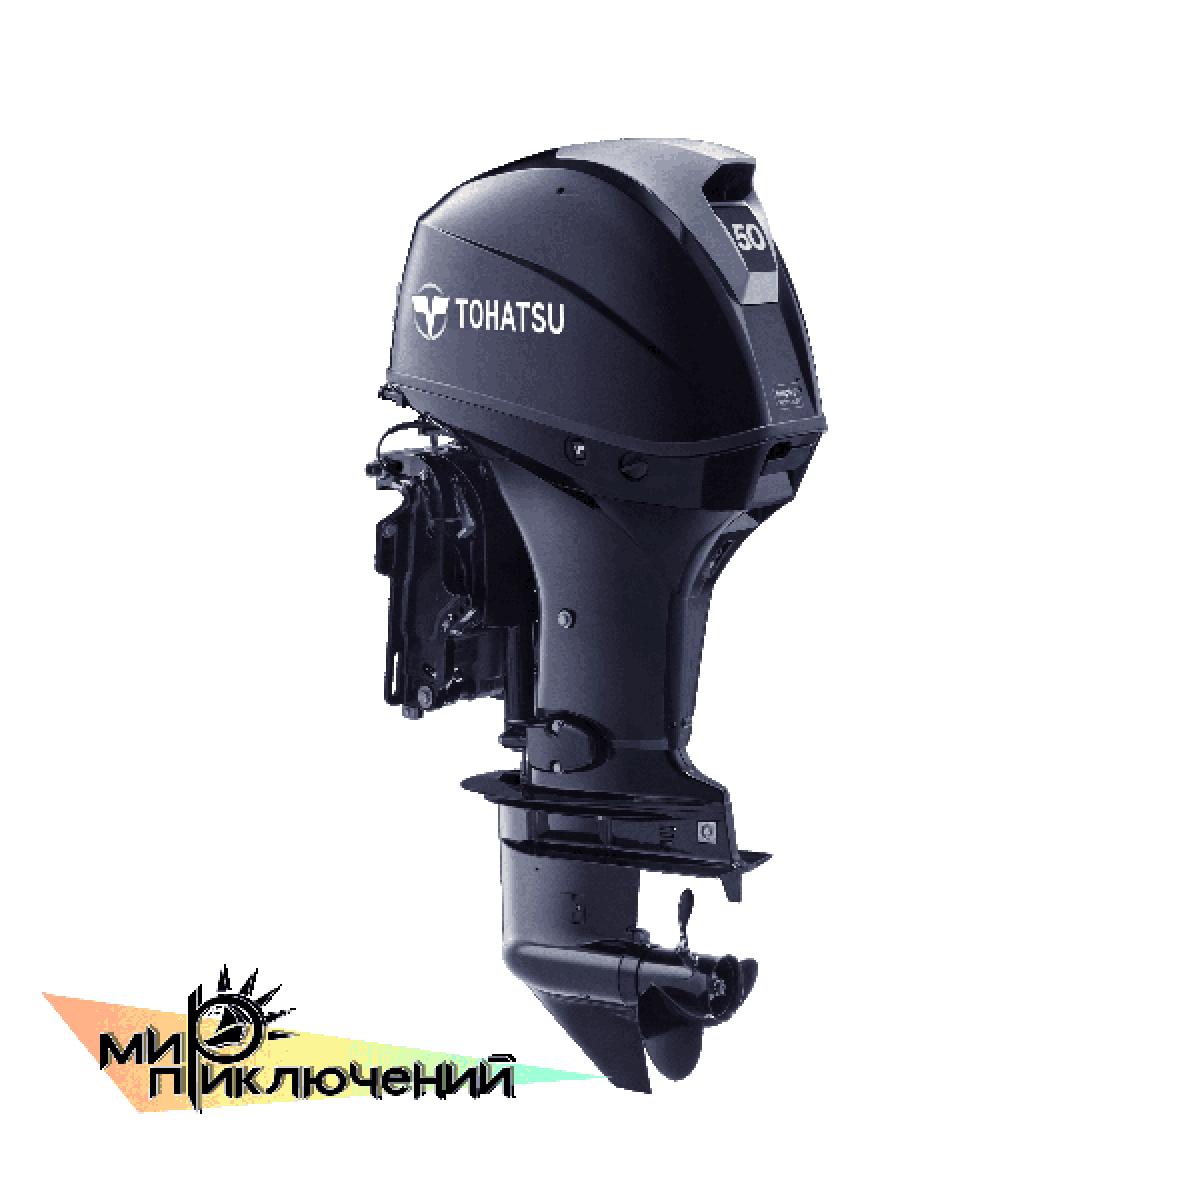 Tohatsu MFS 50 ETL, 4 х тактный подвесной лодочный мотор Тохатсу 50 л с